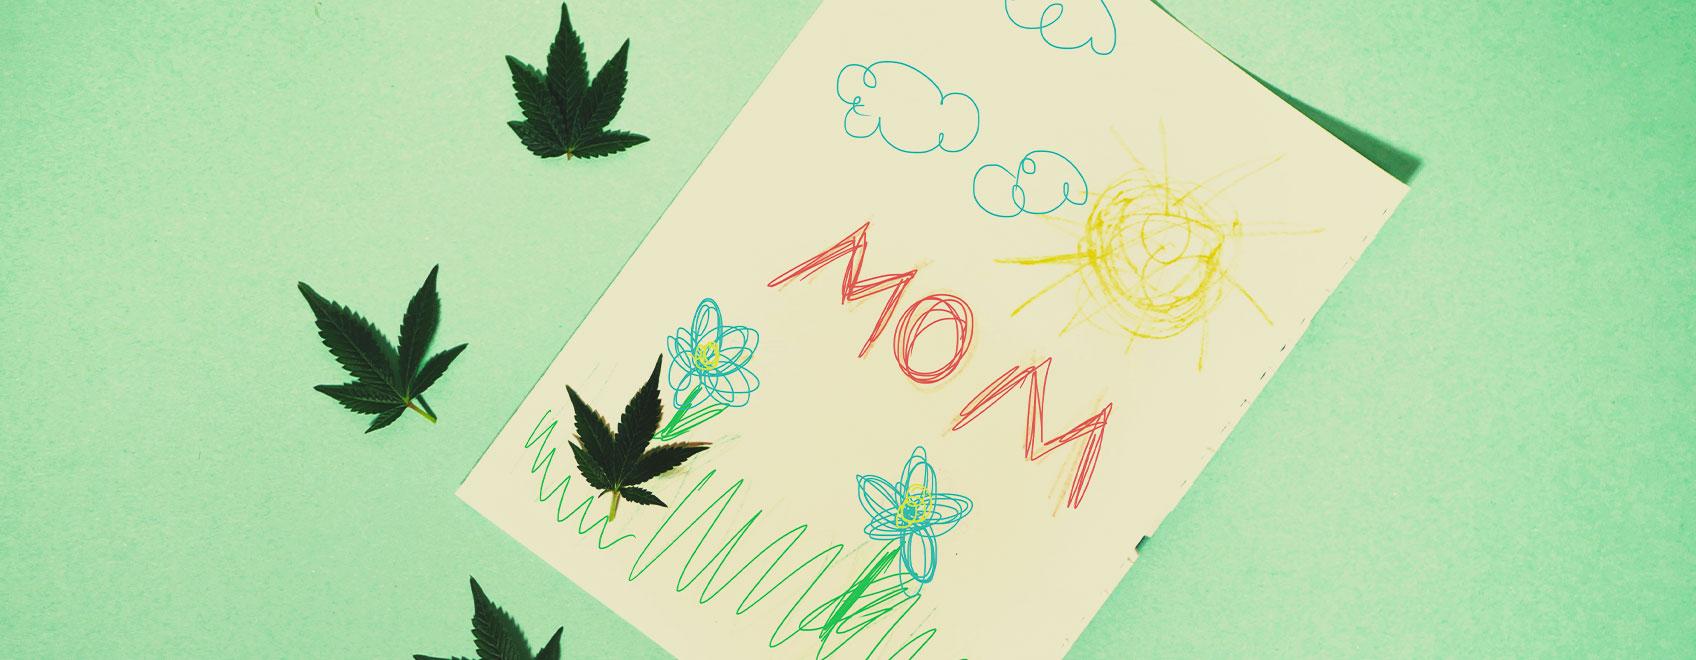 Quelle est la chose la plus importante sur le cannabis que nos enfants devraient apprendre de nous ?